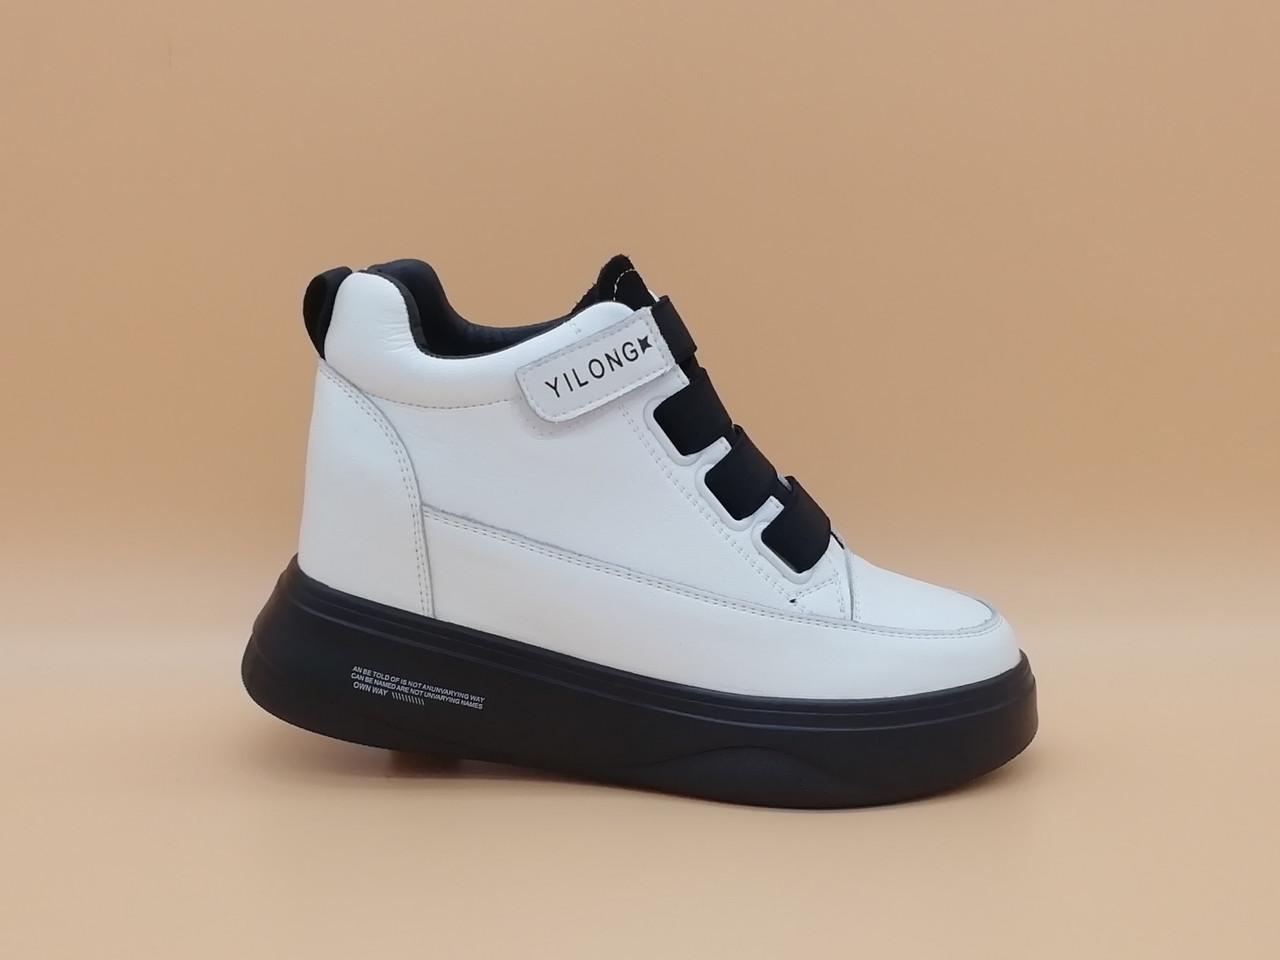 Білі шкіряні черевики. Маленькі і стандартні розміри (33 - 35)